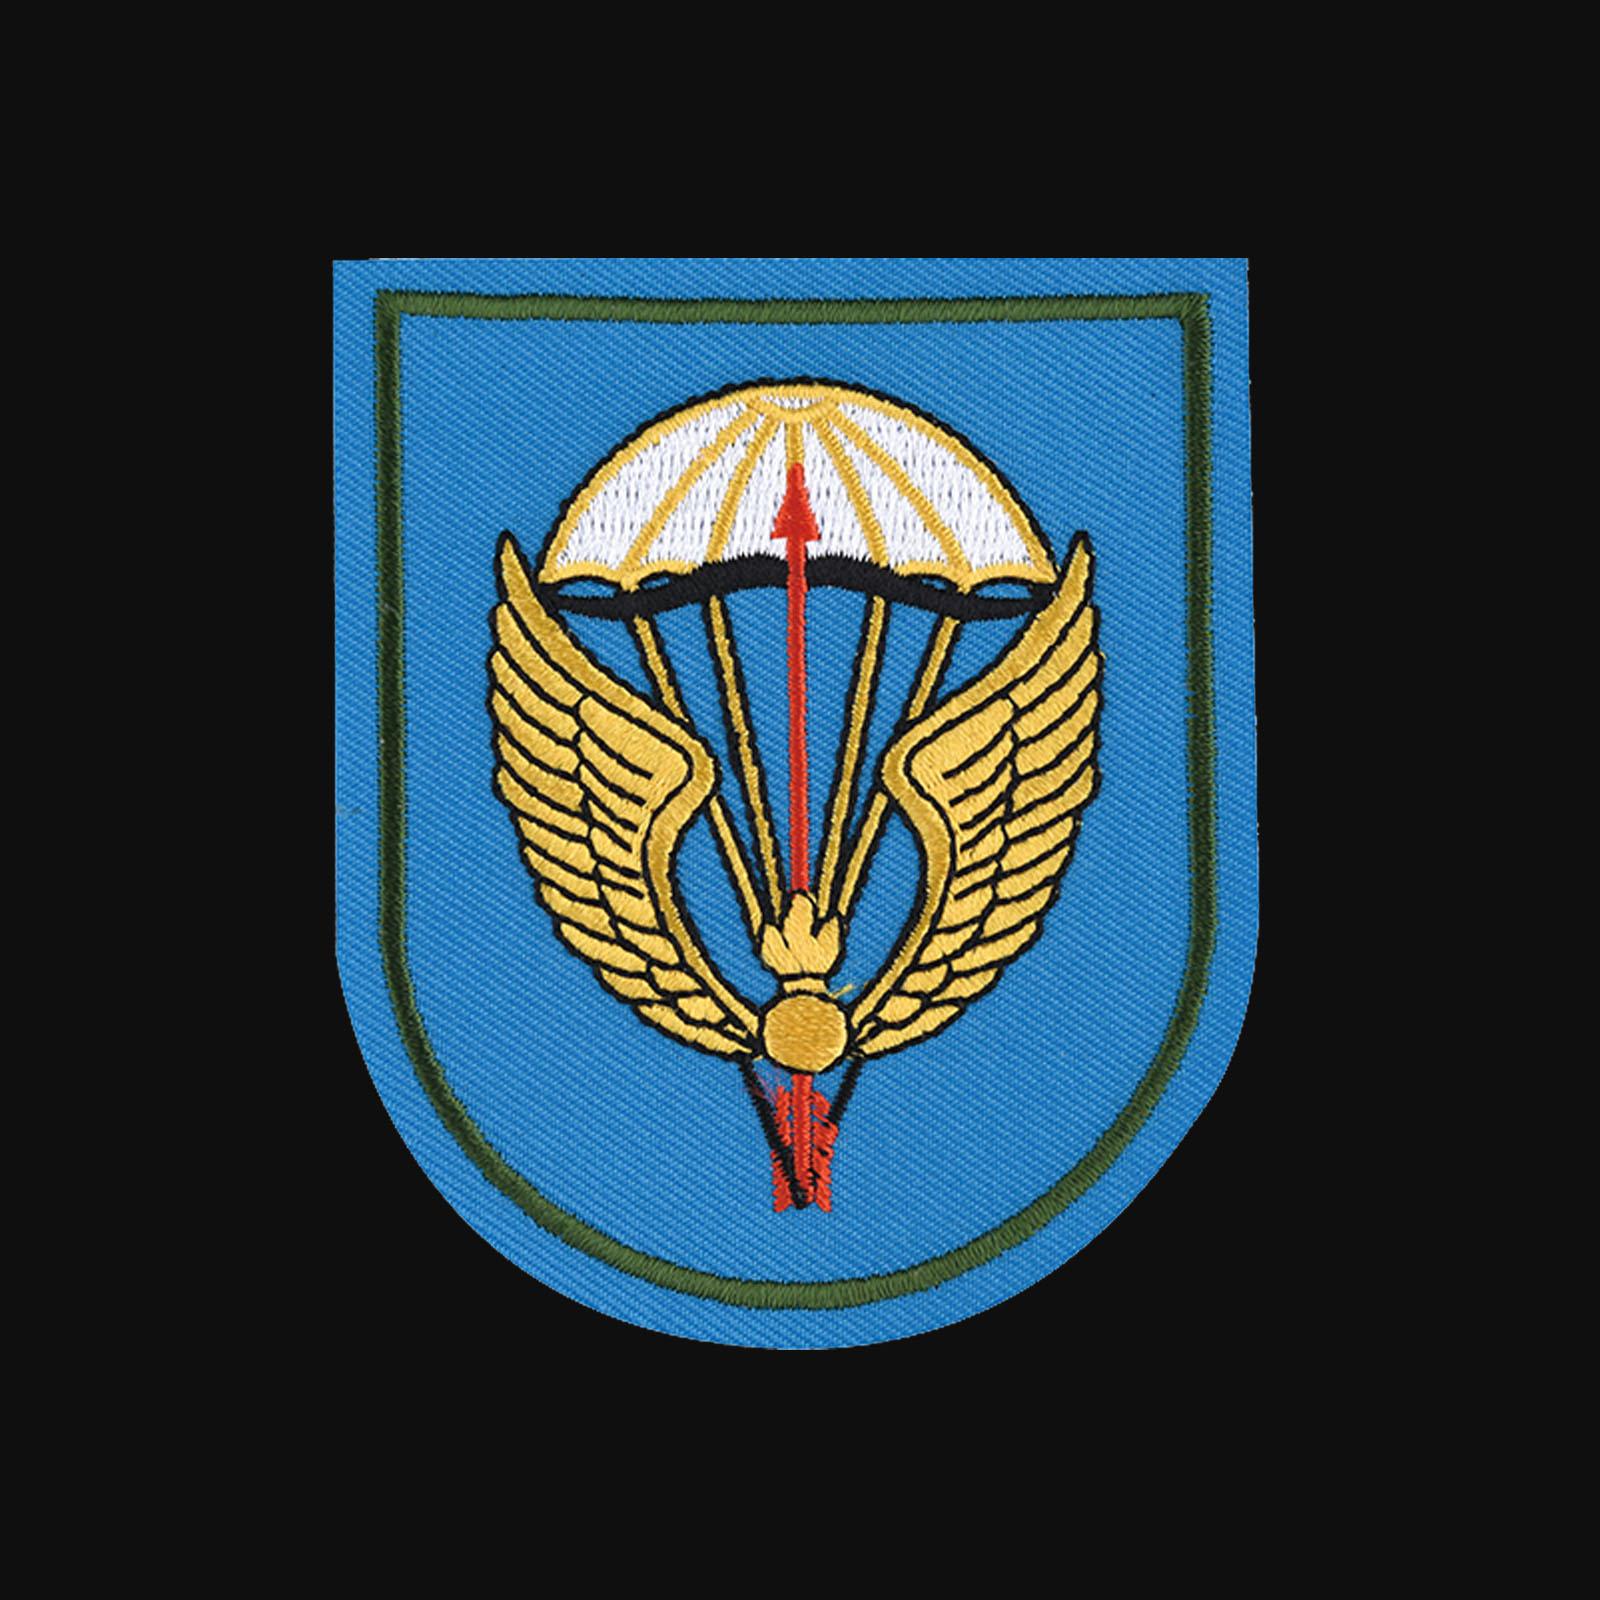 Армейская мужская толстовка ВДВ с шевроном 31 ОДШБр